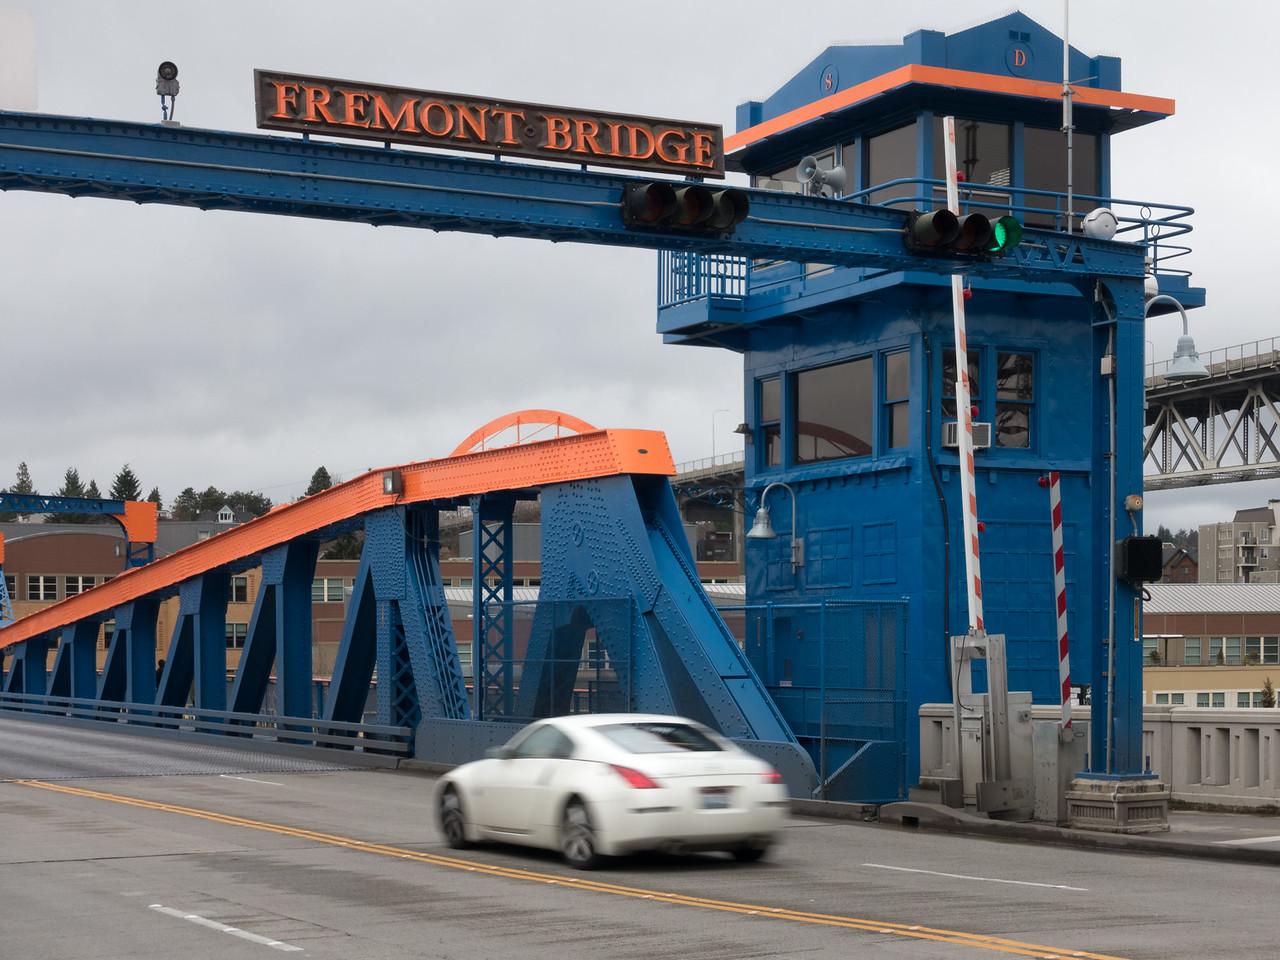 20151224.  Fremont Bridge, Seattle WA.